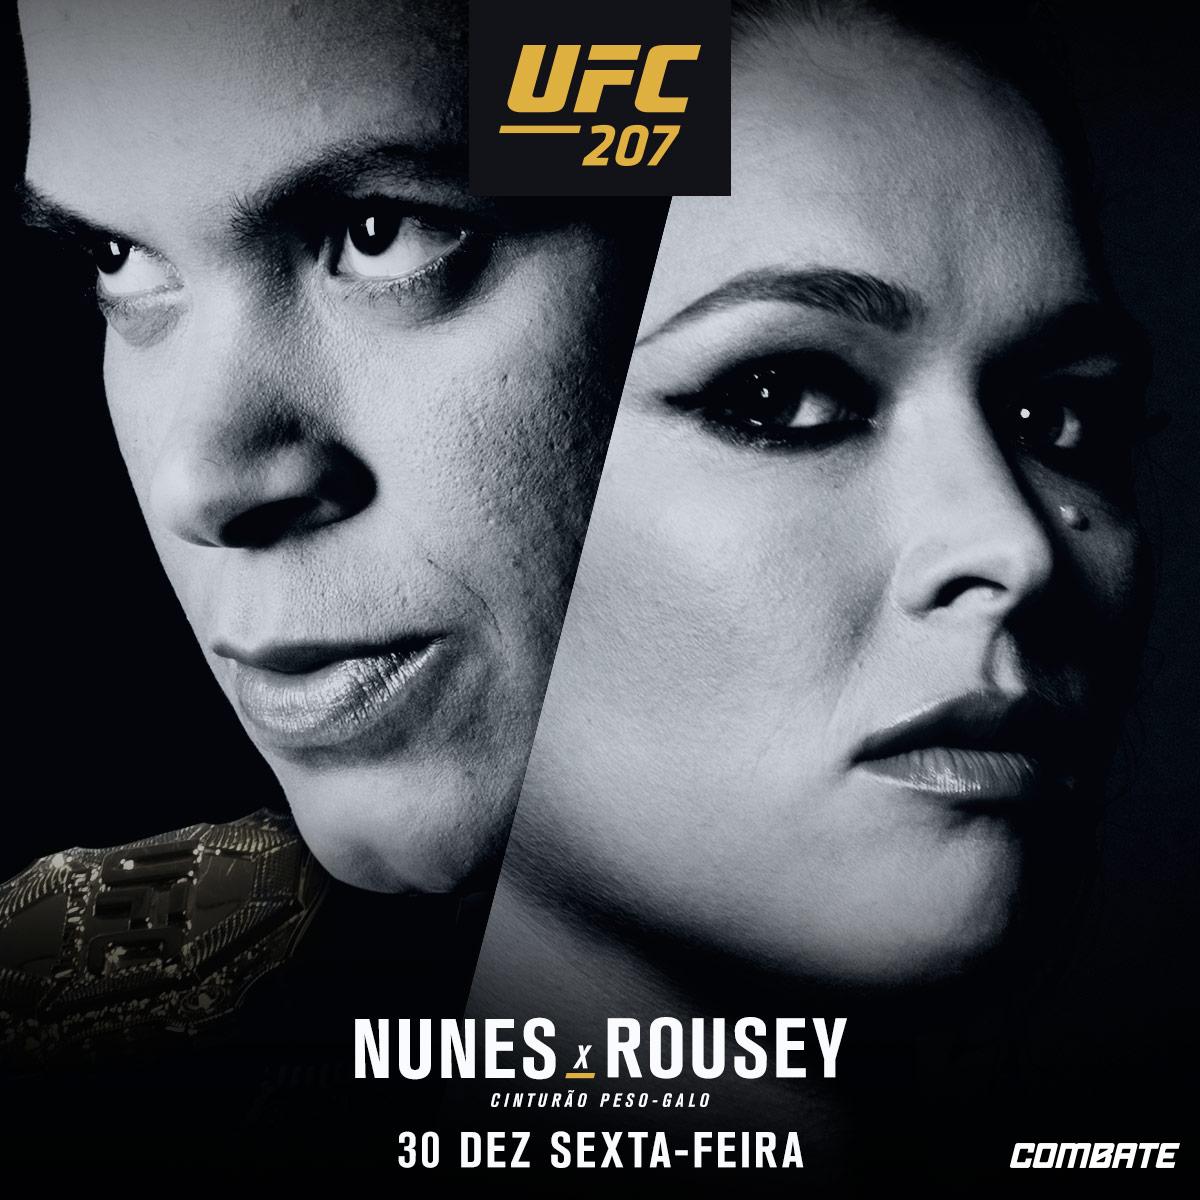 Assistir (UFC) 207 Ronda Rousey VS Amanda Nunes Ao Vivo 30/12/2016